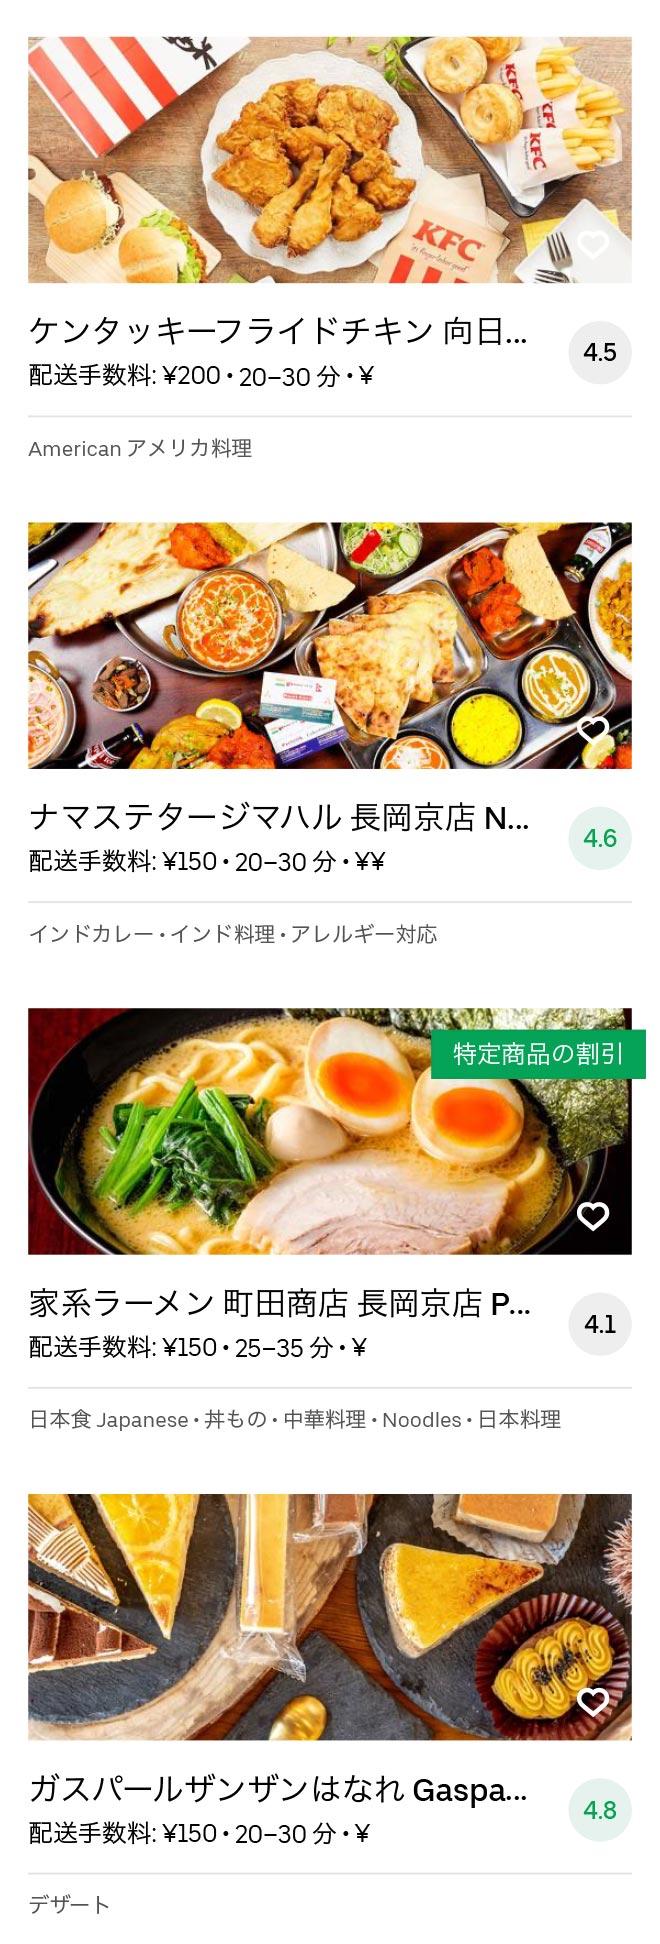 Nagaokakyo menu 2008 07